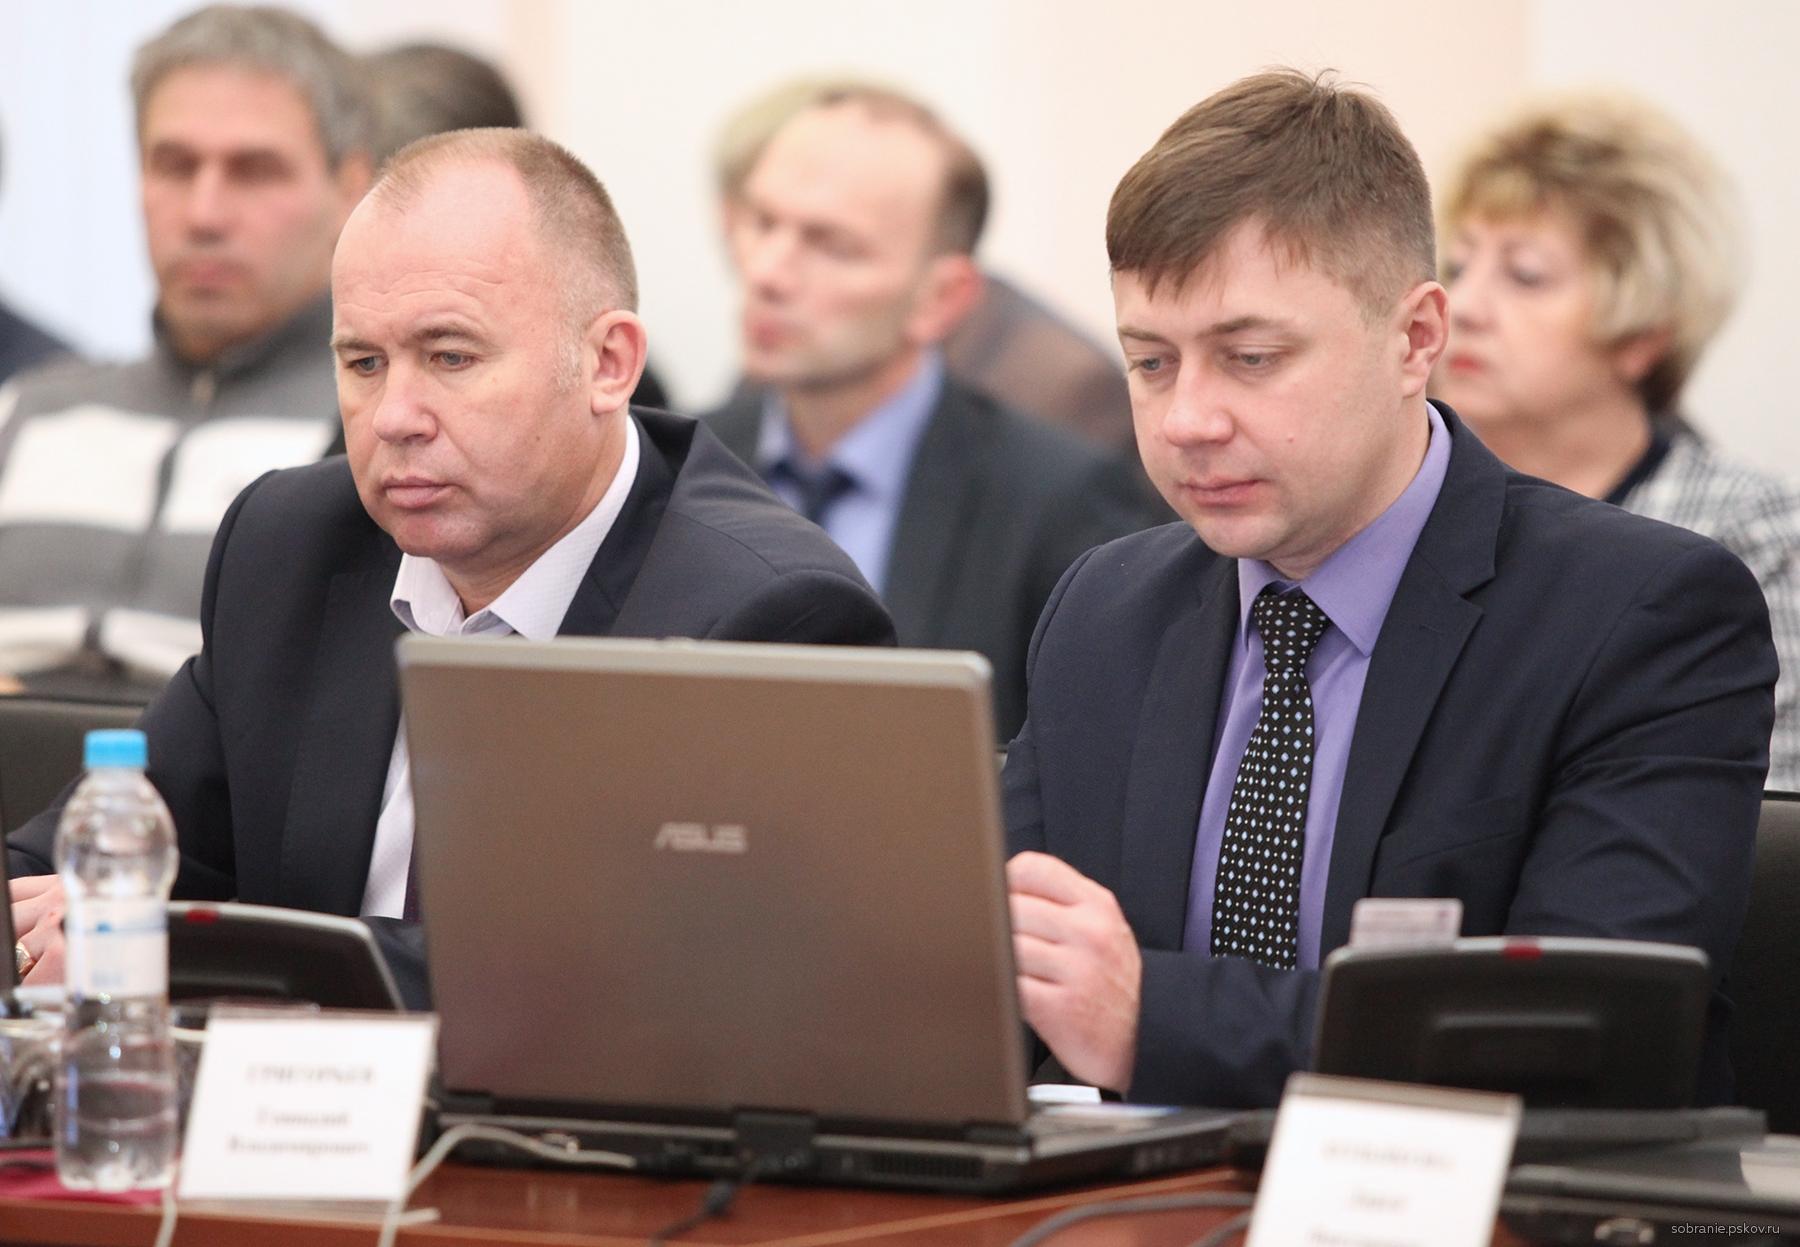 Геннадий Григорьев выступил в защиту порховичей